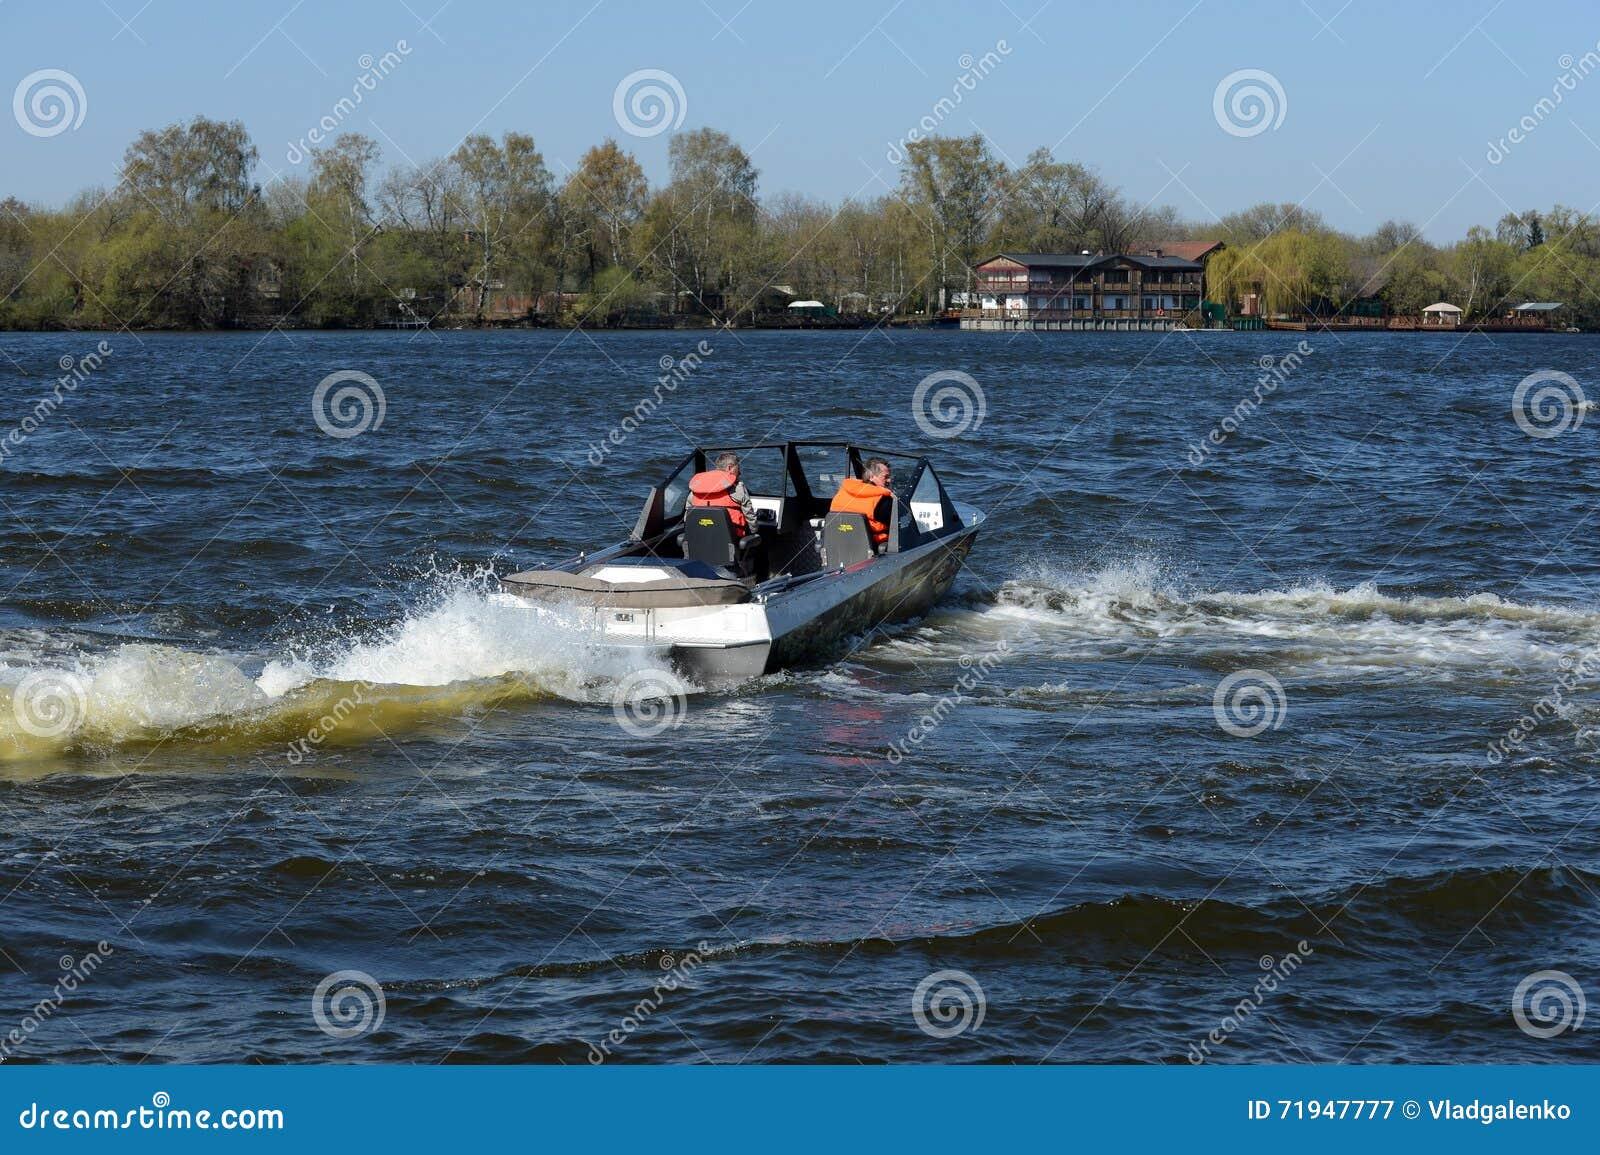 Быстро пройдите ka-Khem 730 шлюпки на реке Москве